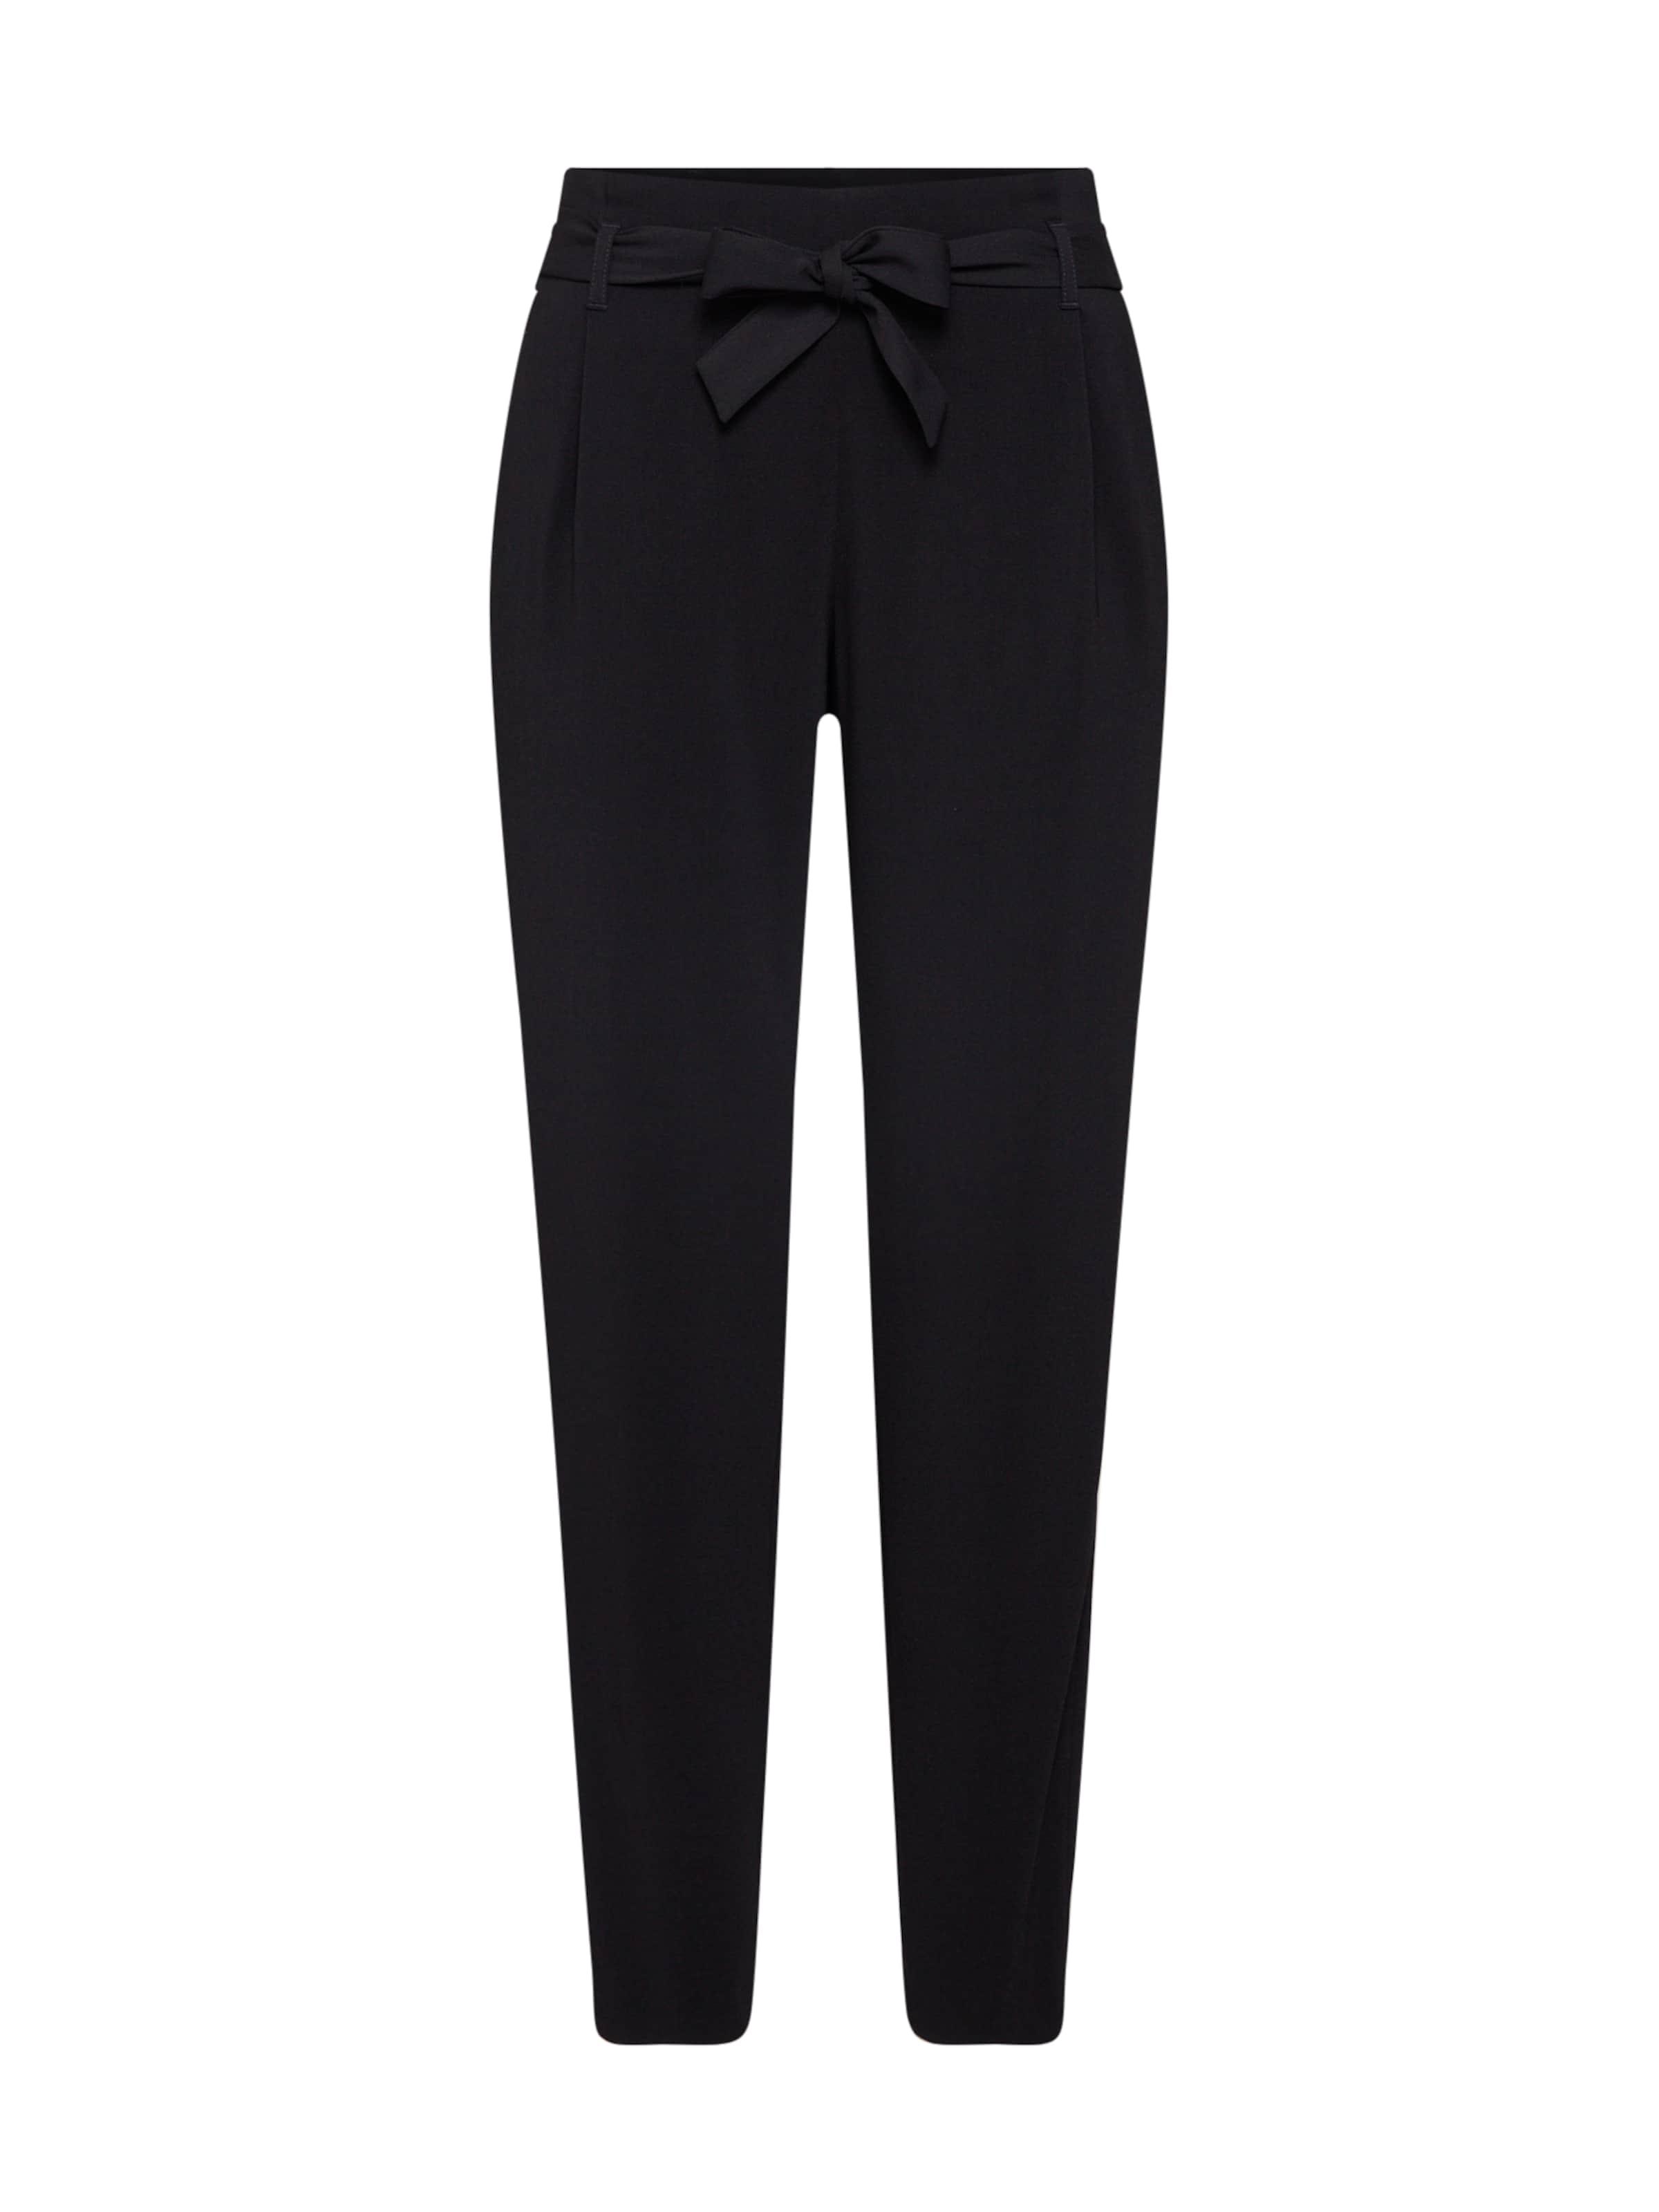 Pince En À Label Black oliver Pantalon Noir S 8nO0Pkw